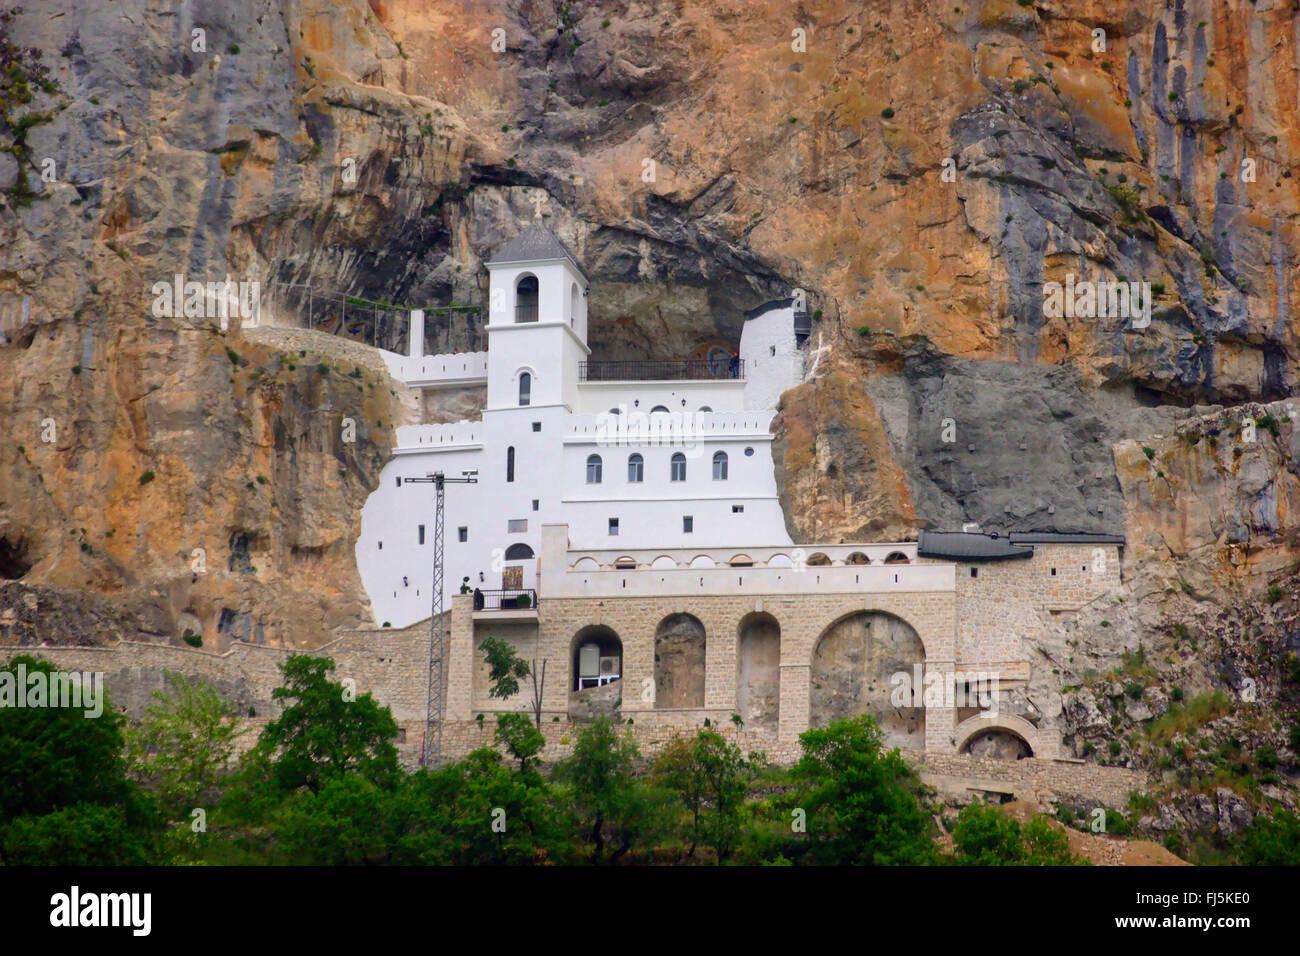 Ostrog monastery, Montenegro - Stock Image